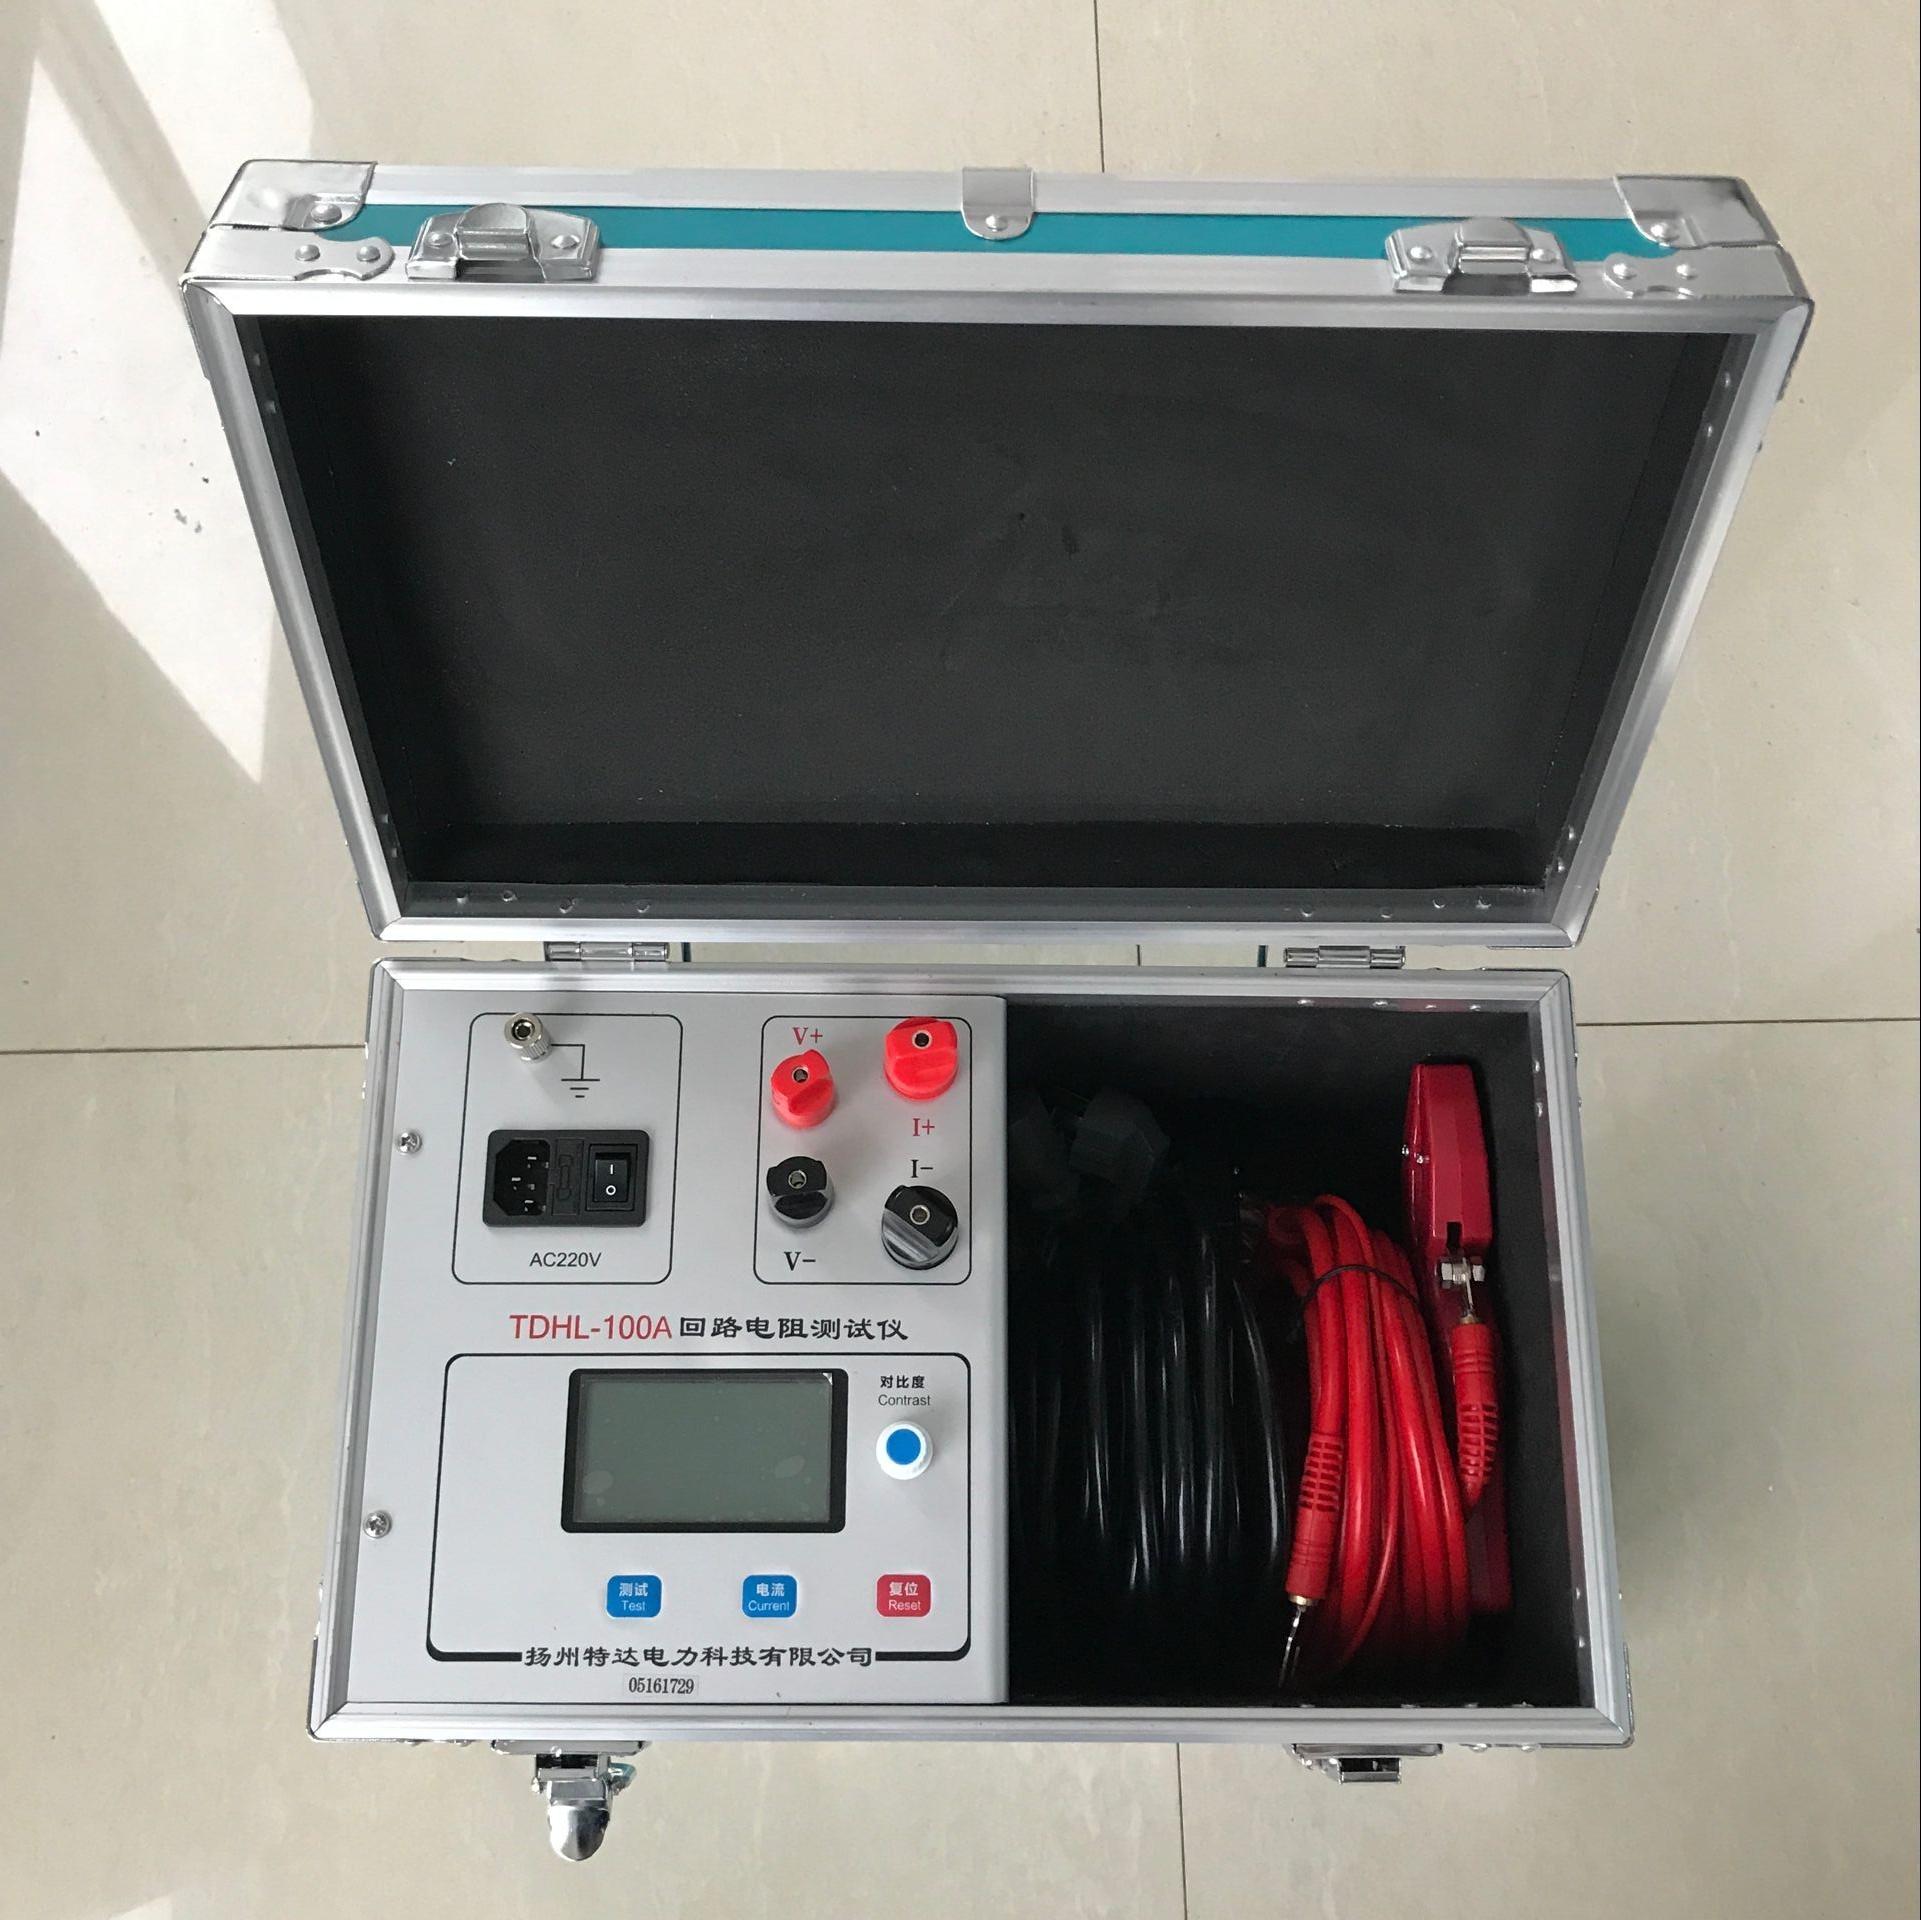 接触电阻测试仪的操作方式是什么?